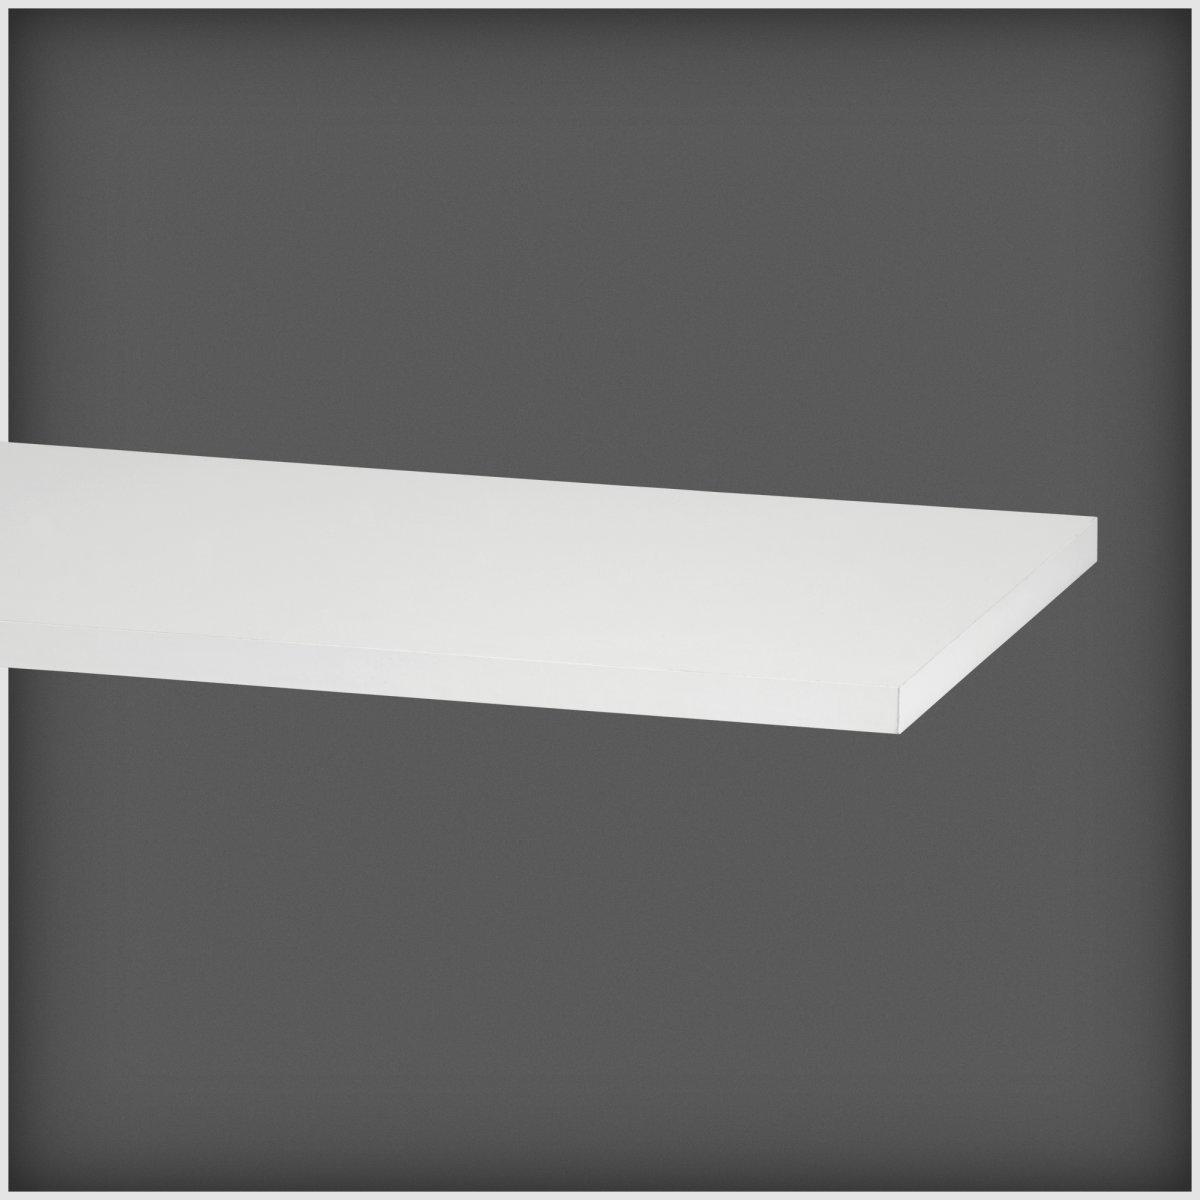 Elfa hylde 40, længde 1800 mm, hvid